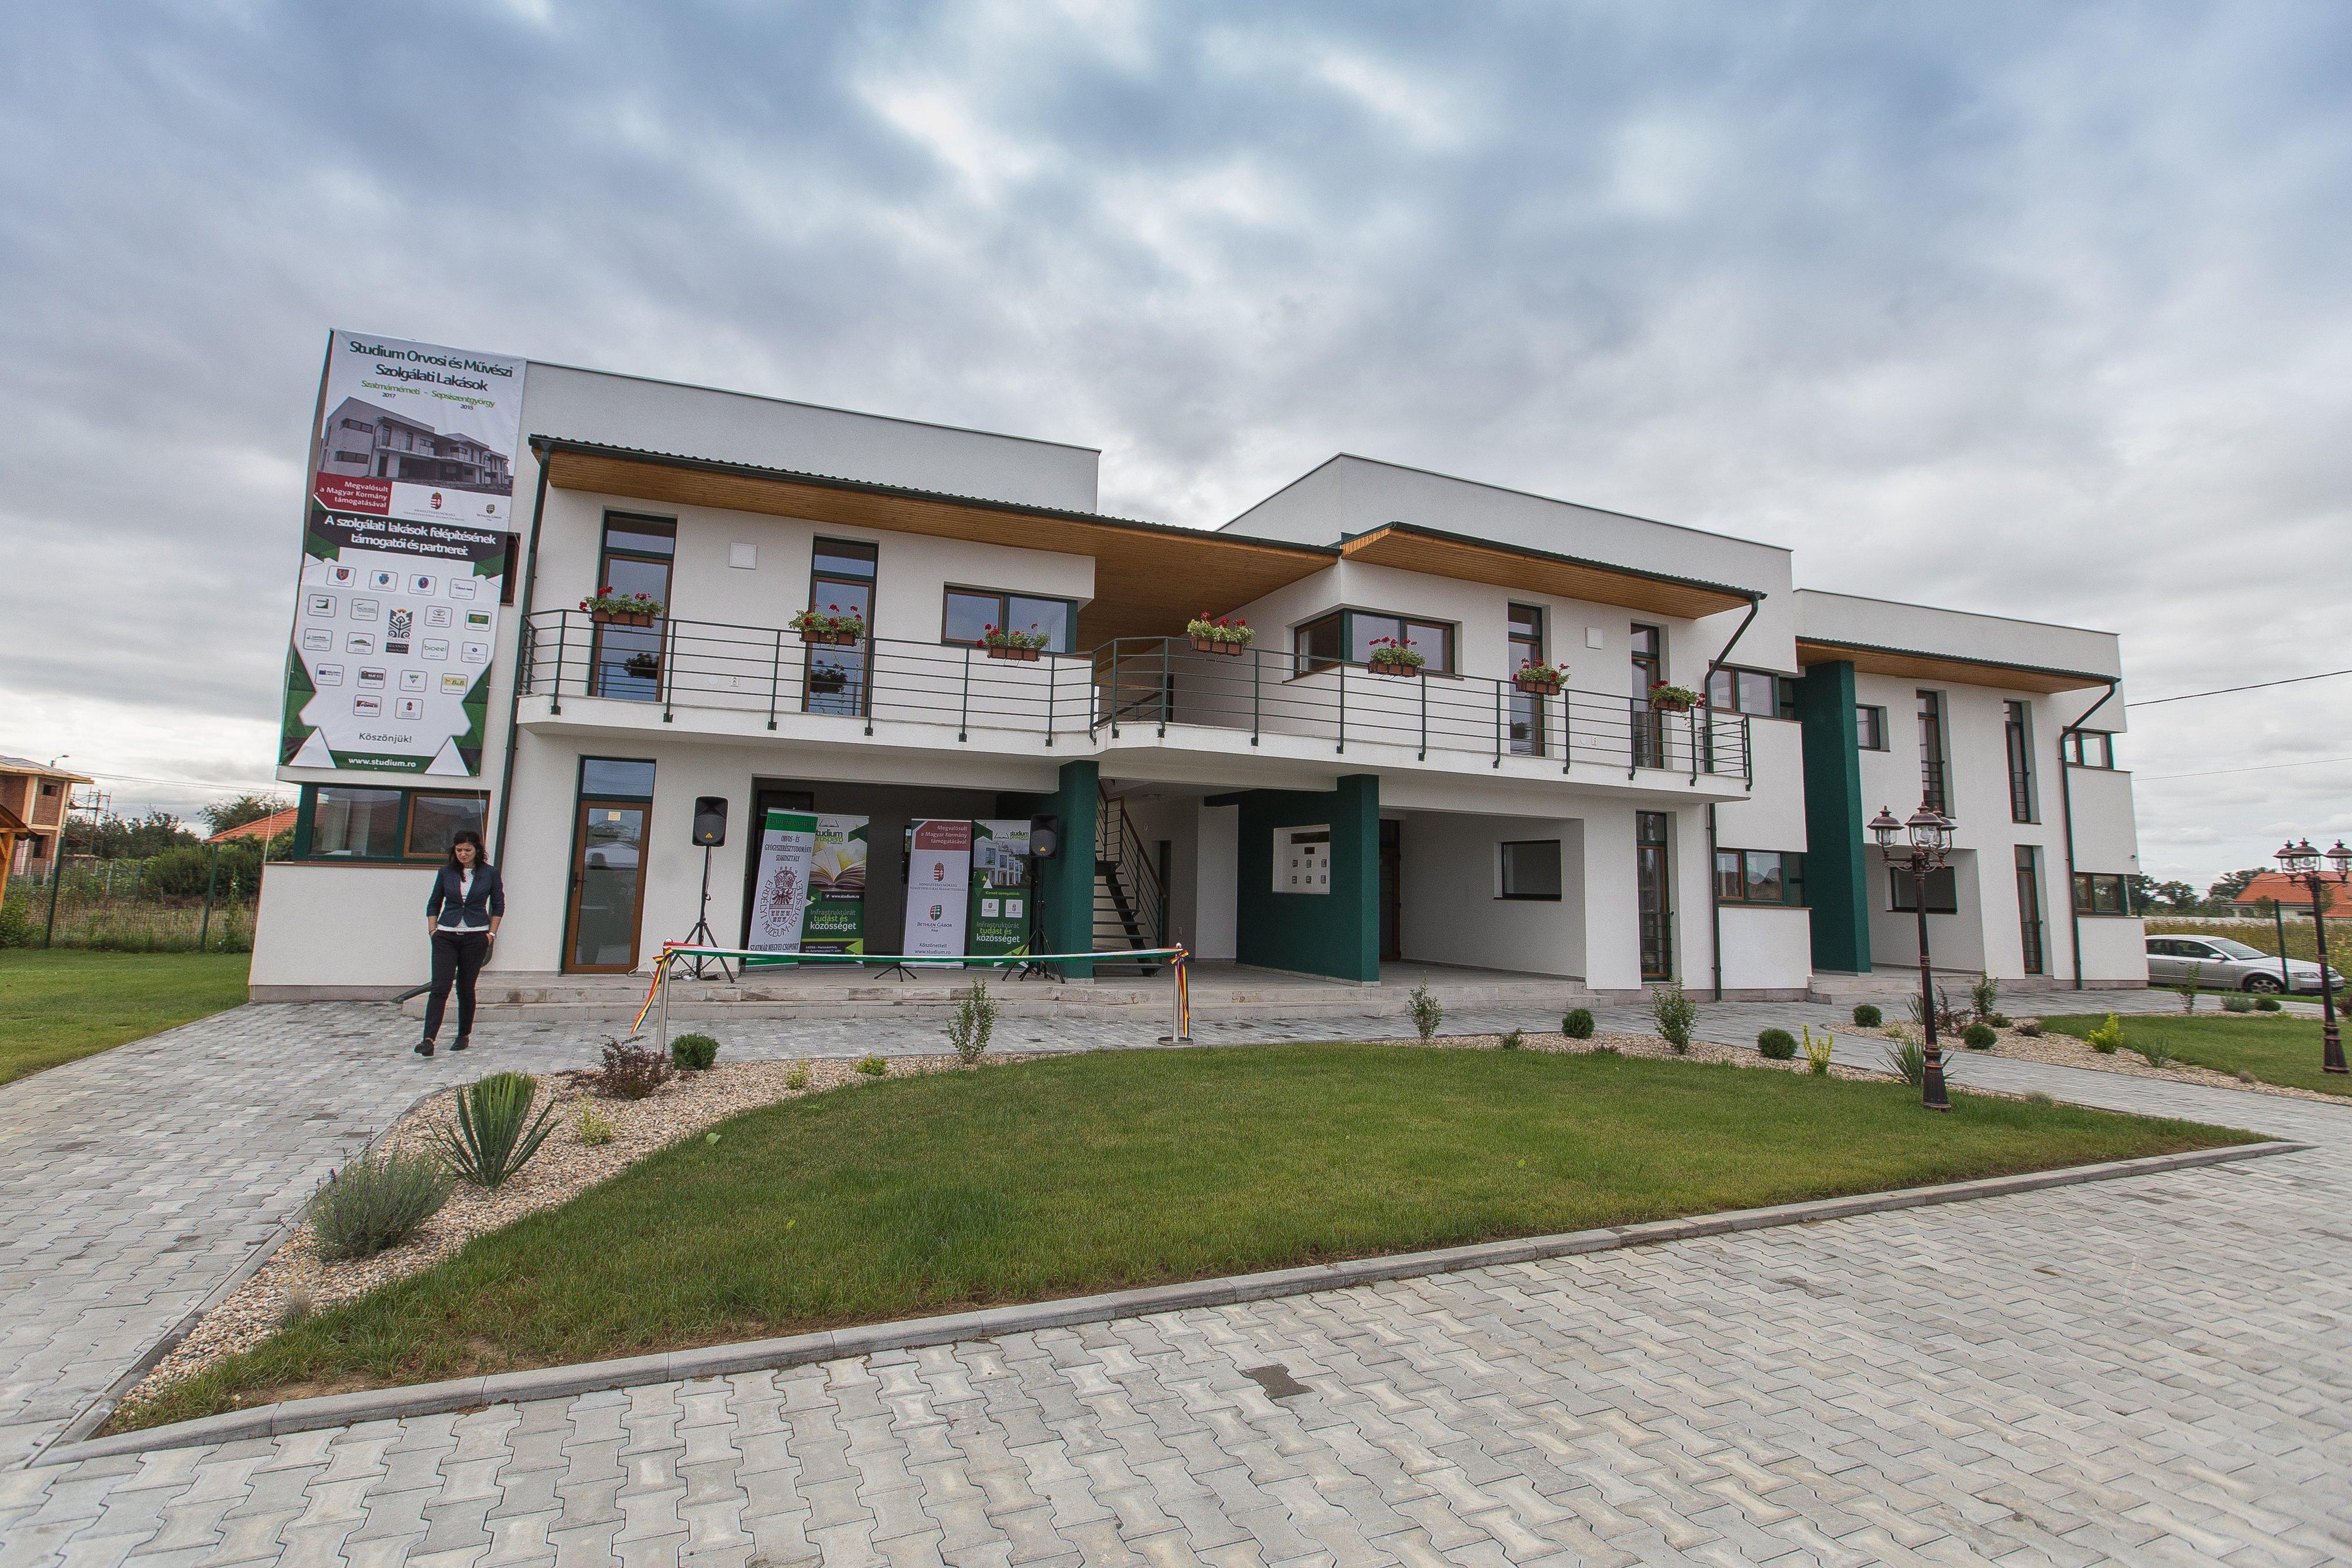 Magyarországon több mint 8 évnyi átlagkereset kell egy új, 70 négyzetmézeter lakás megvásárlásához